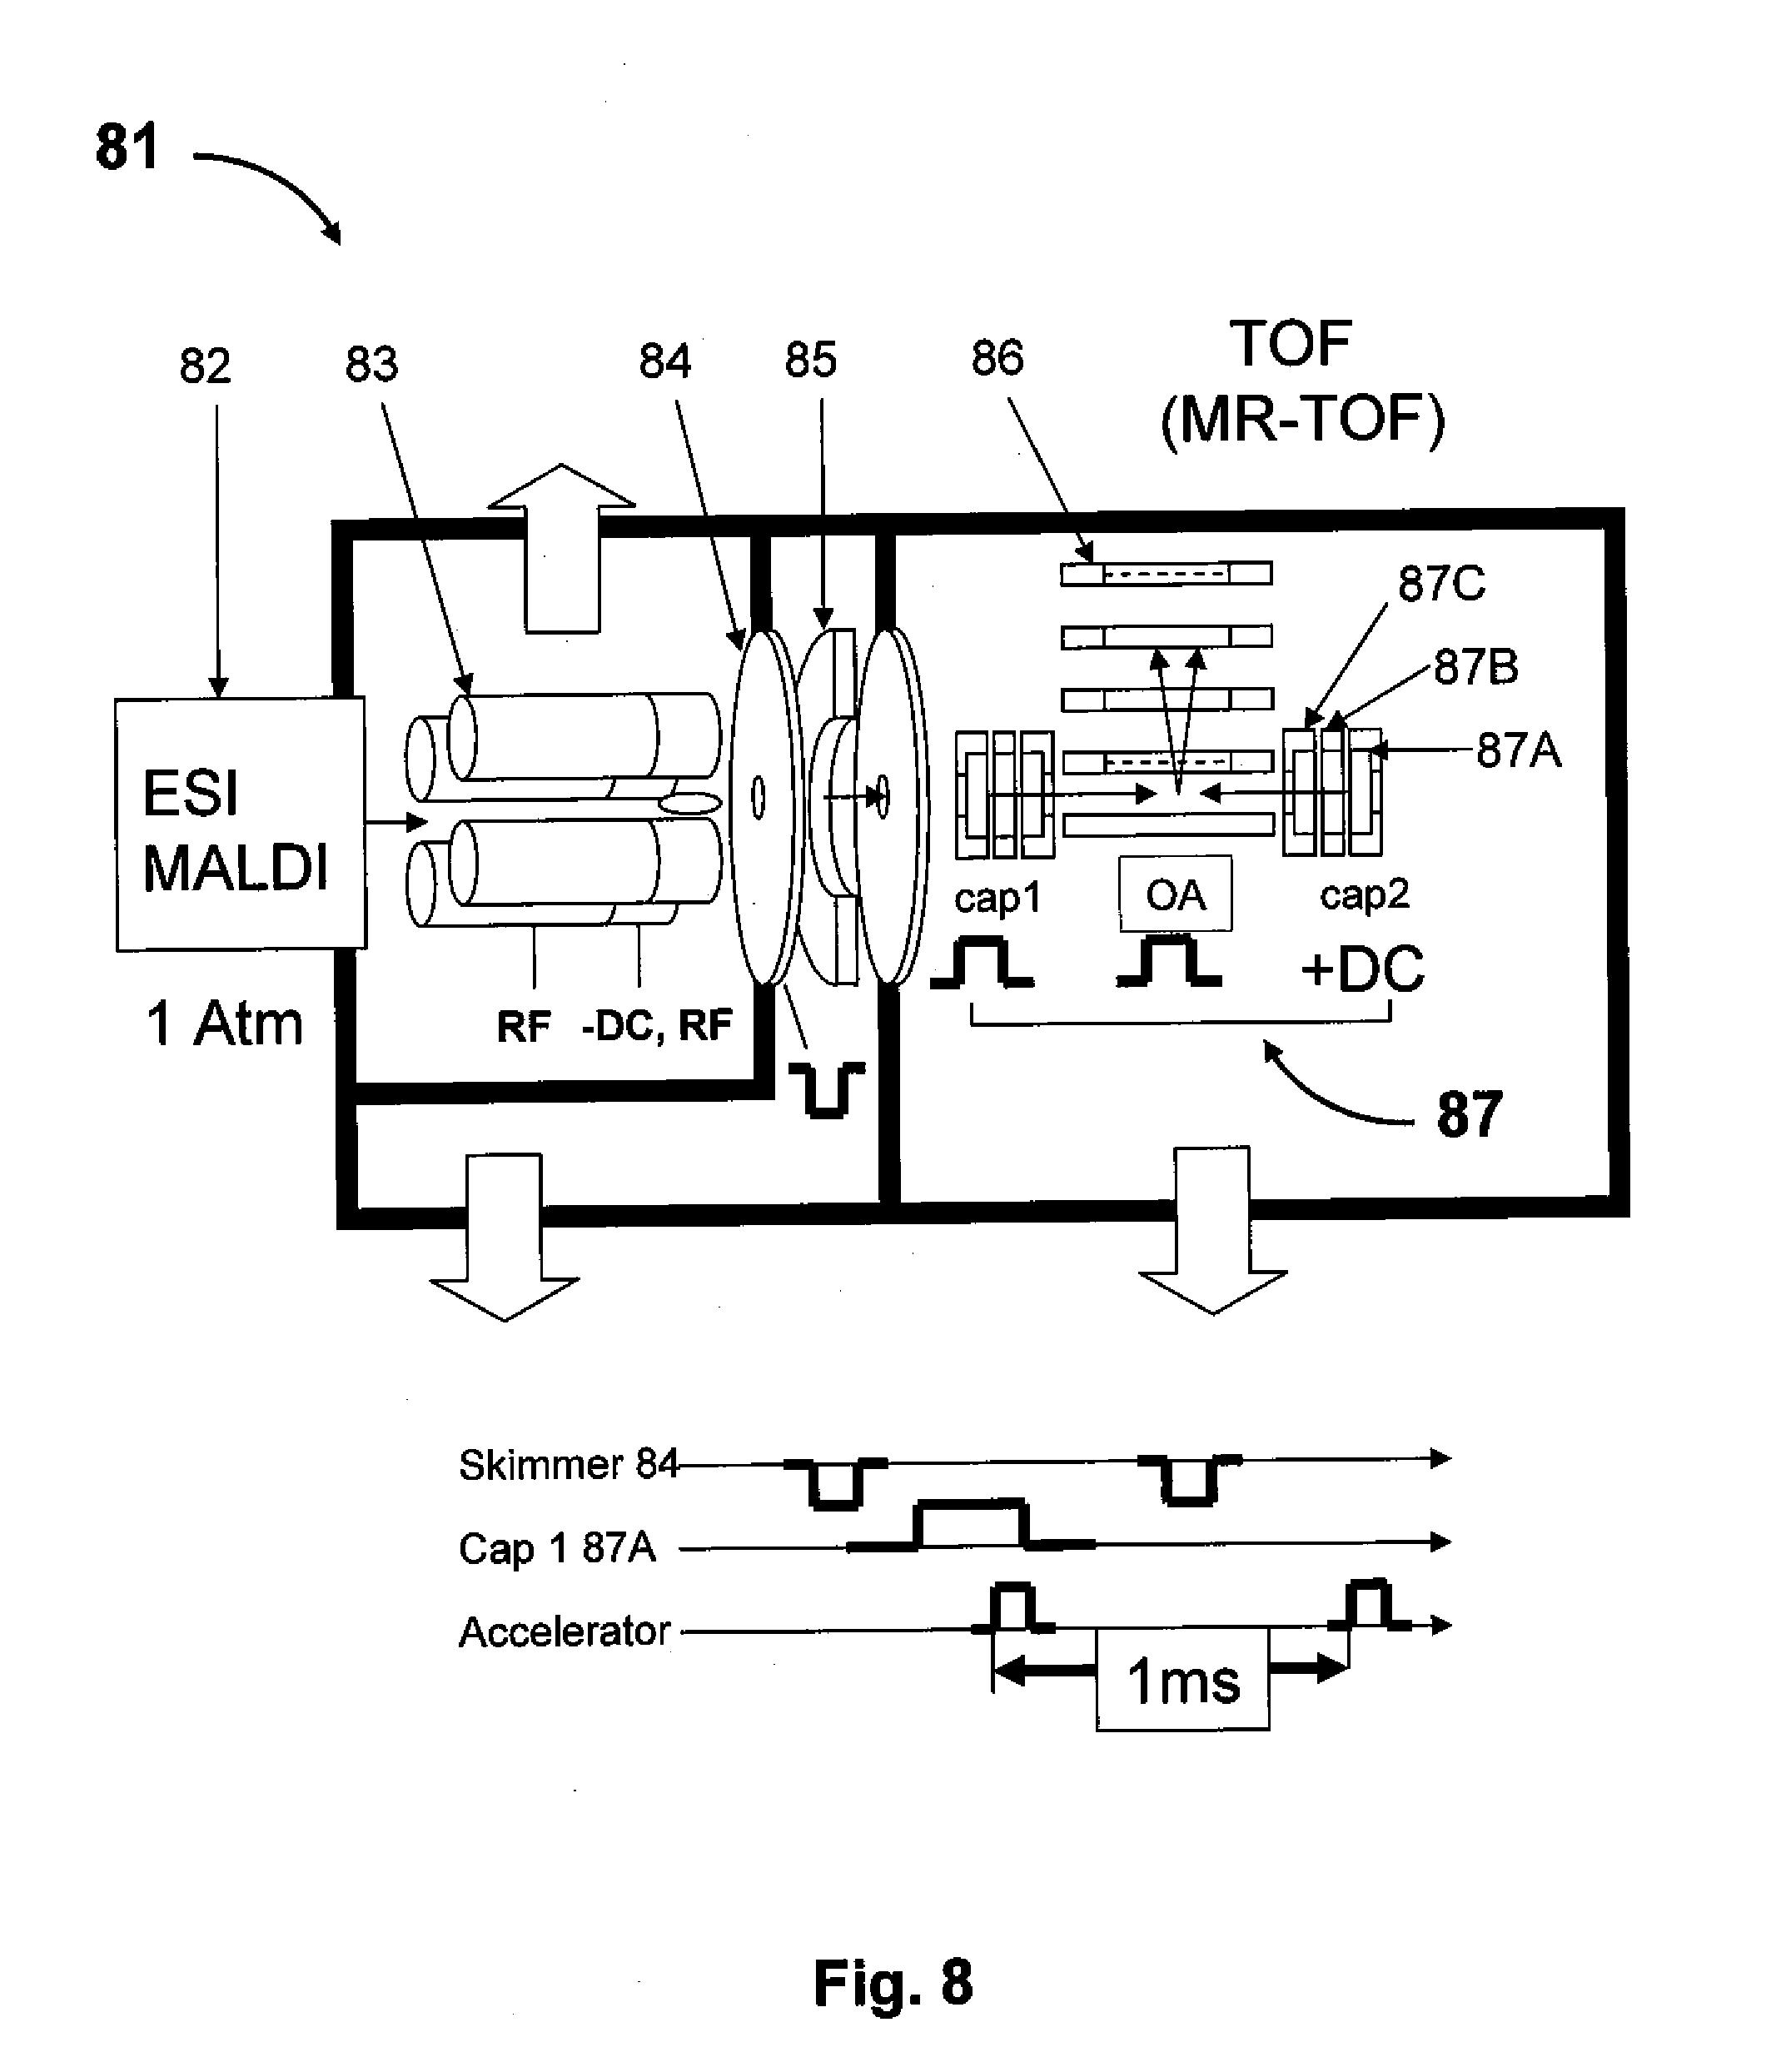 Passtime    Wiring       Diagram      Free    Wiring       Diagram